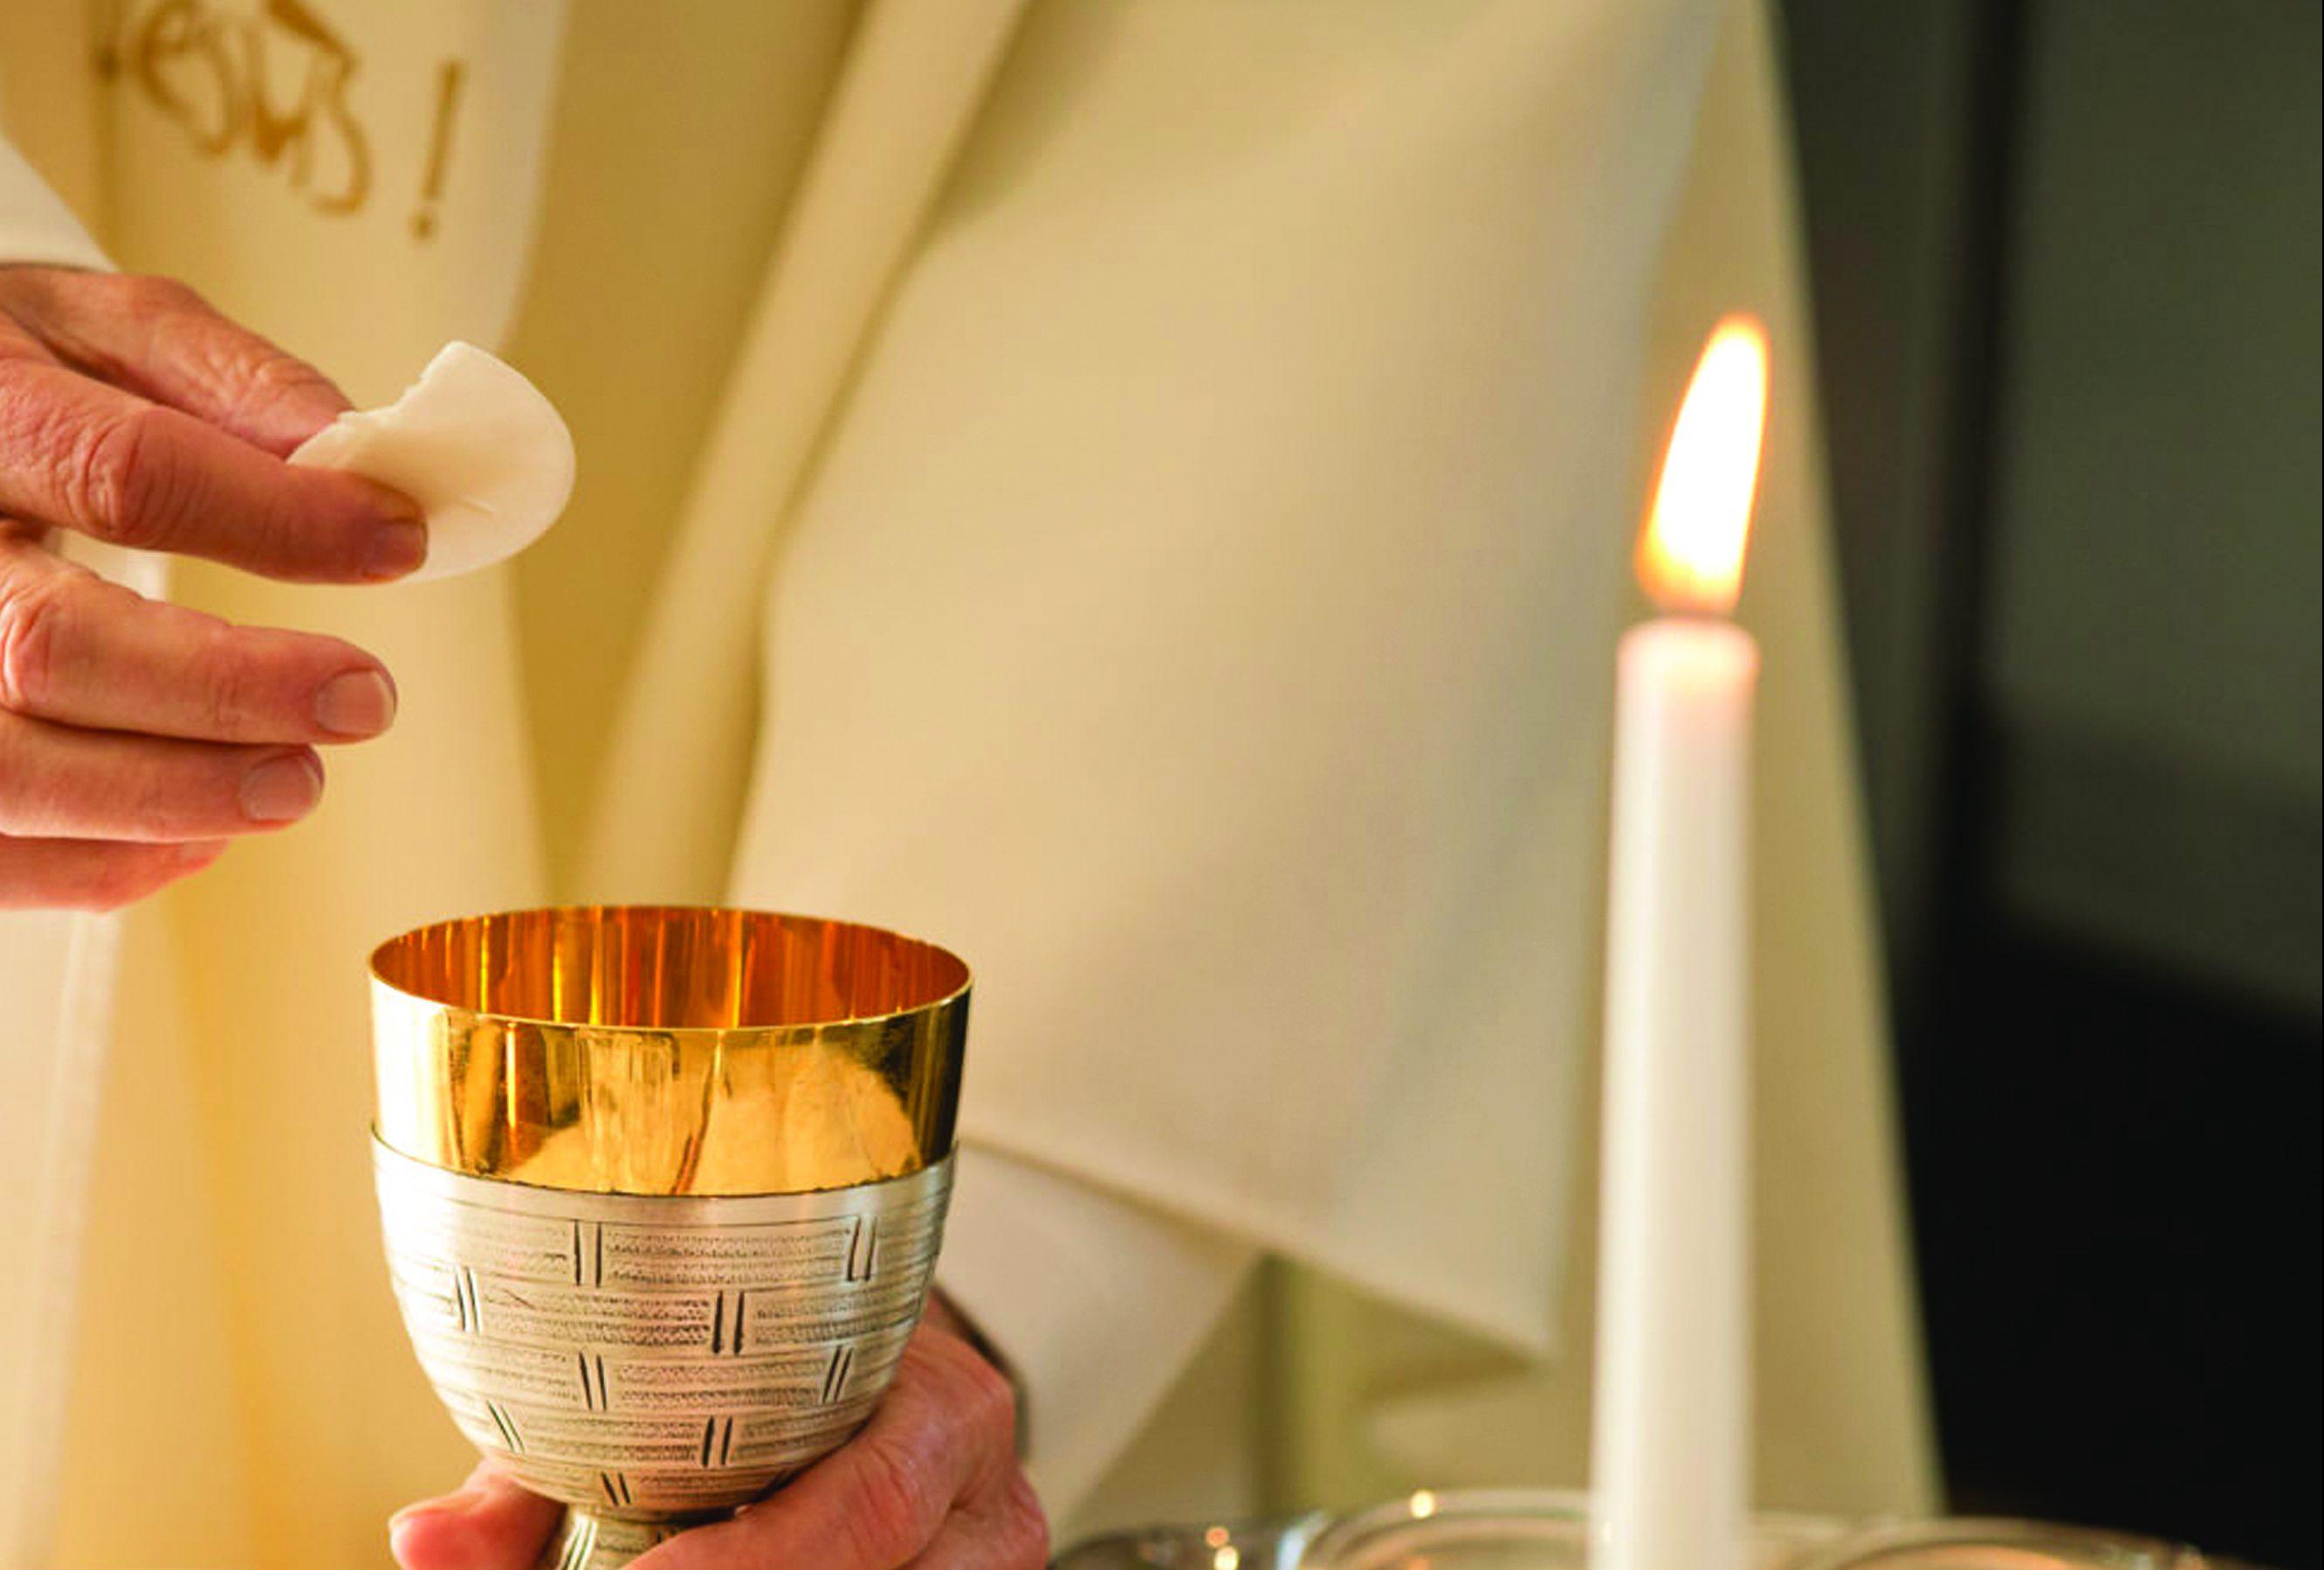 Eucaristia3-e1591756168621.jpg